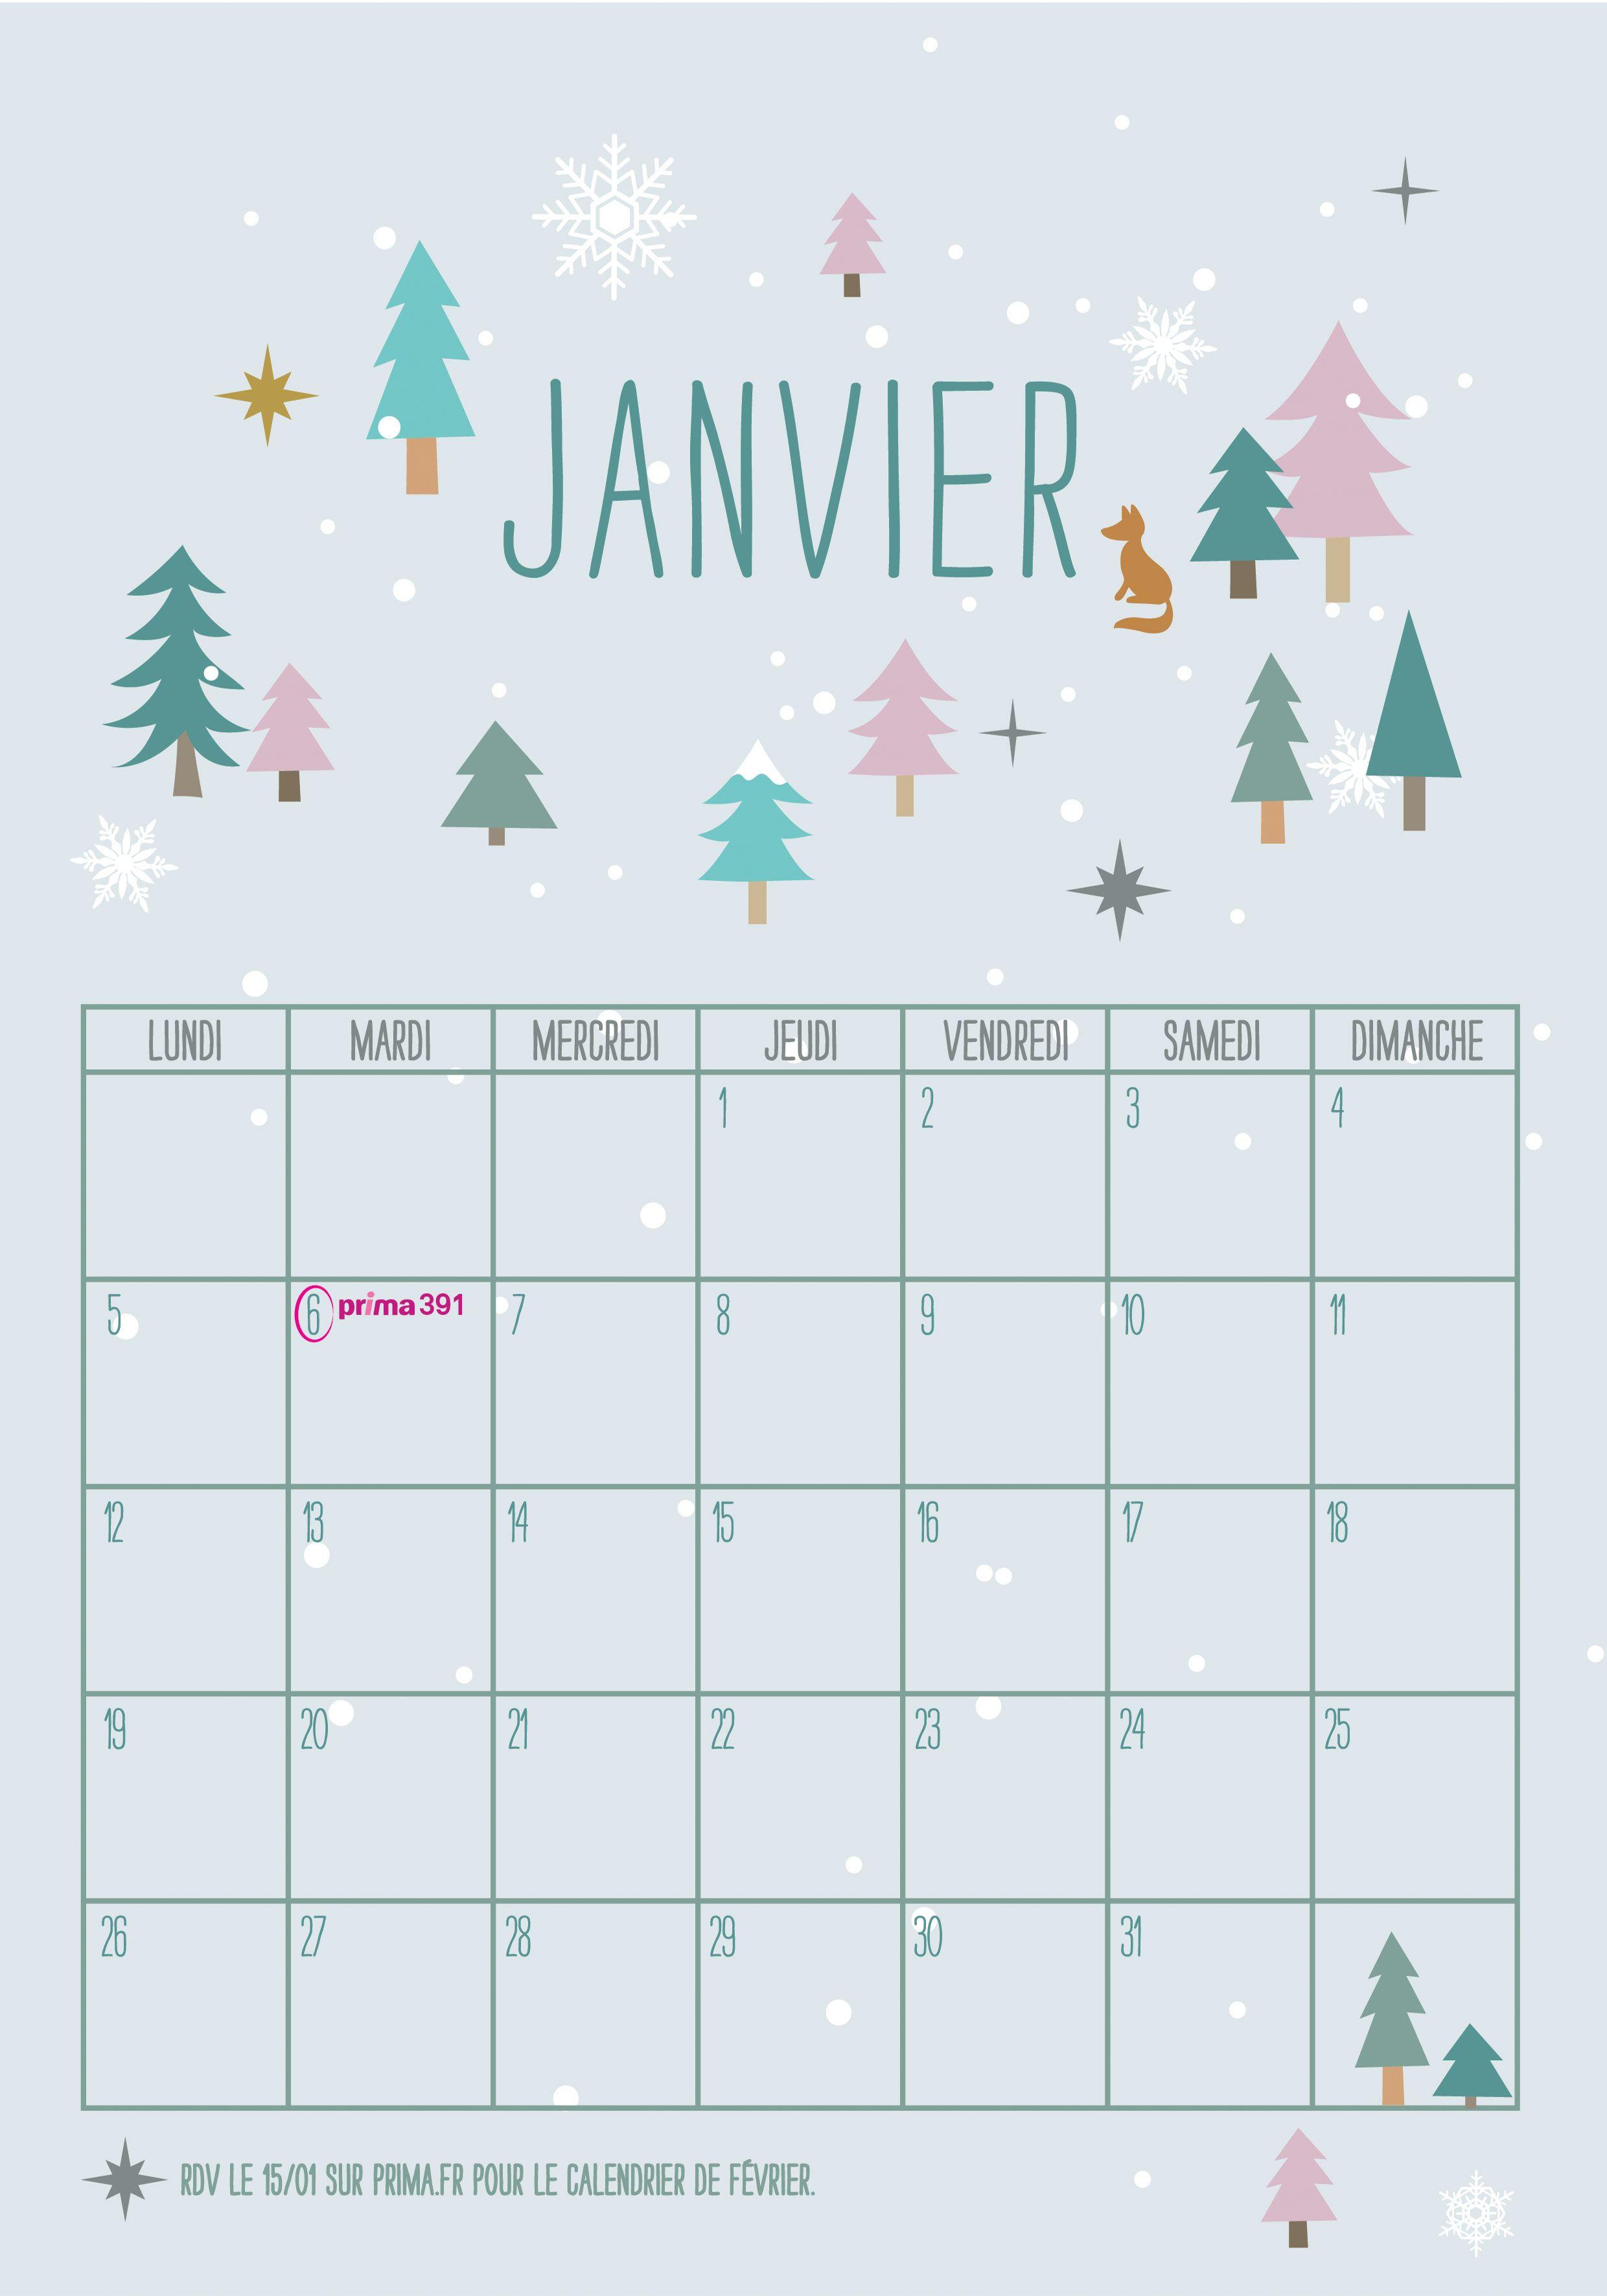 Calendrier 2015 gratuit imprimer calendrier calendrier 2015 gratuit et calendrier 2015 - Calendrier perpetuel a imprimer ...